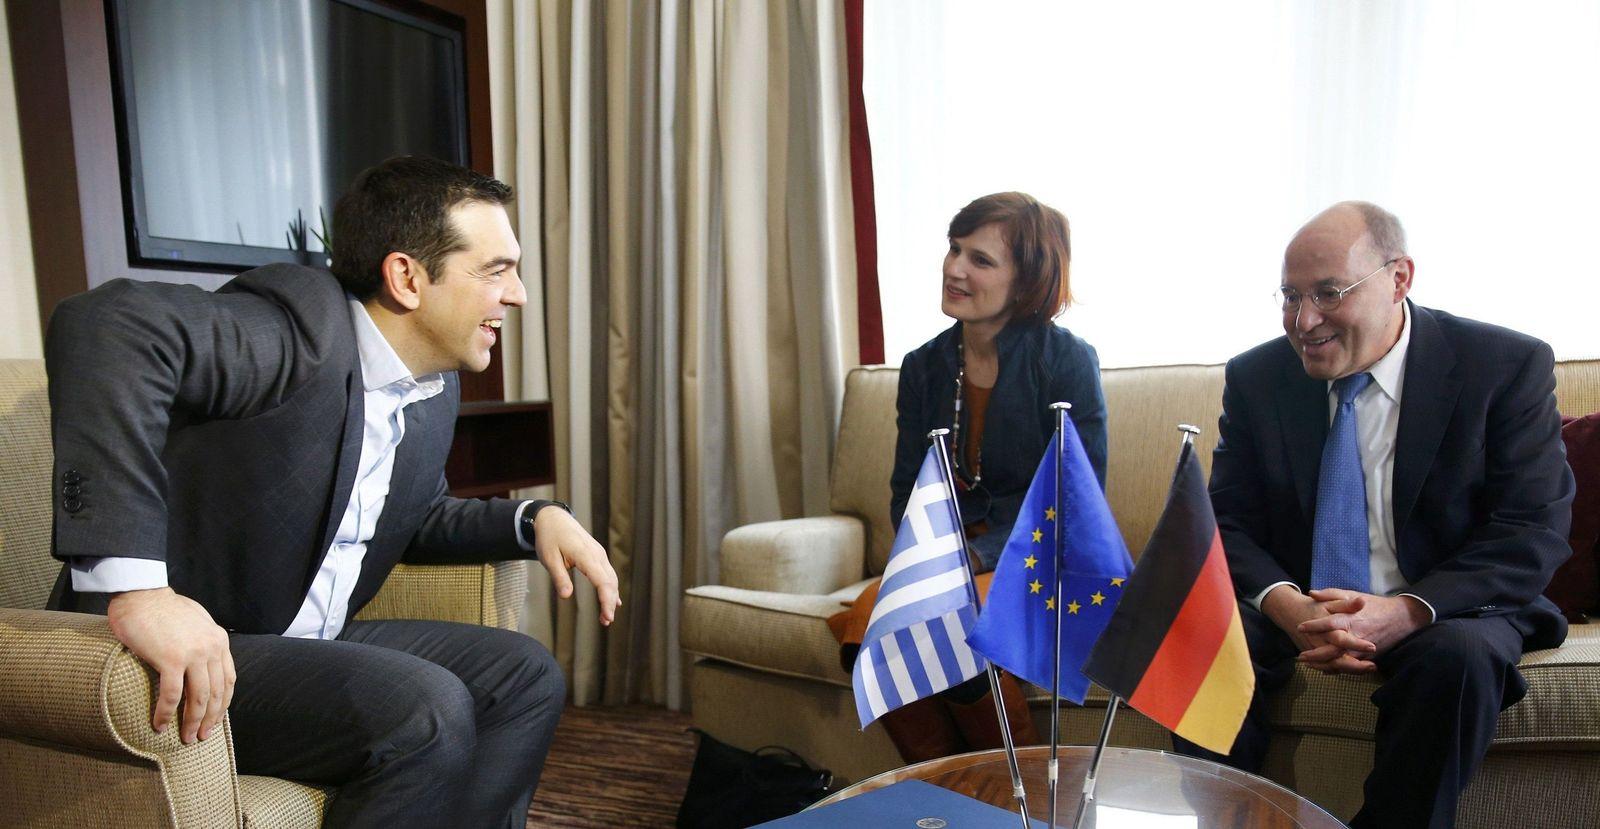 Alexis Tsipras/ Berlin